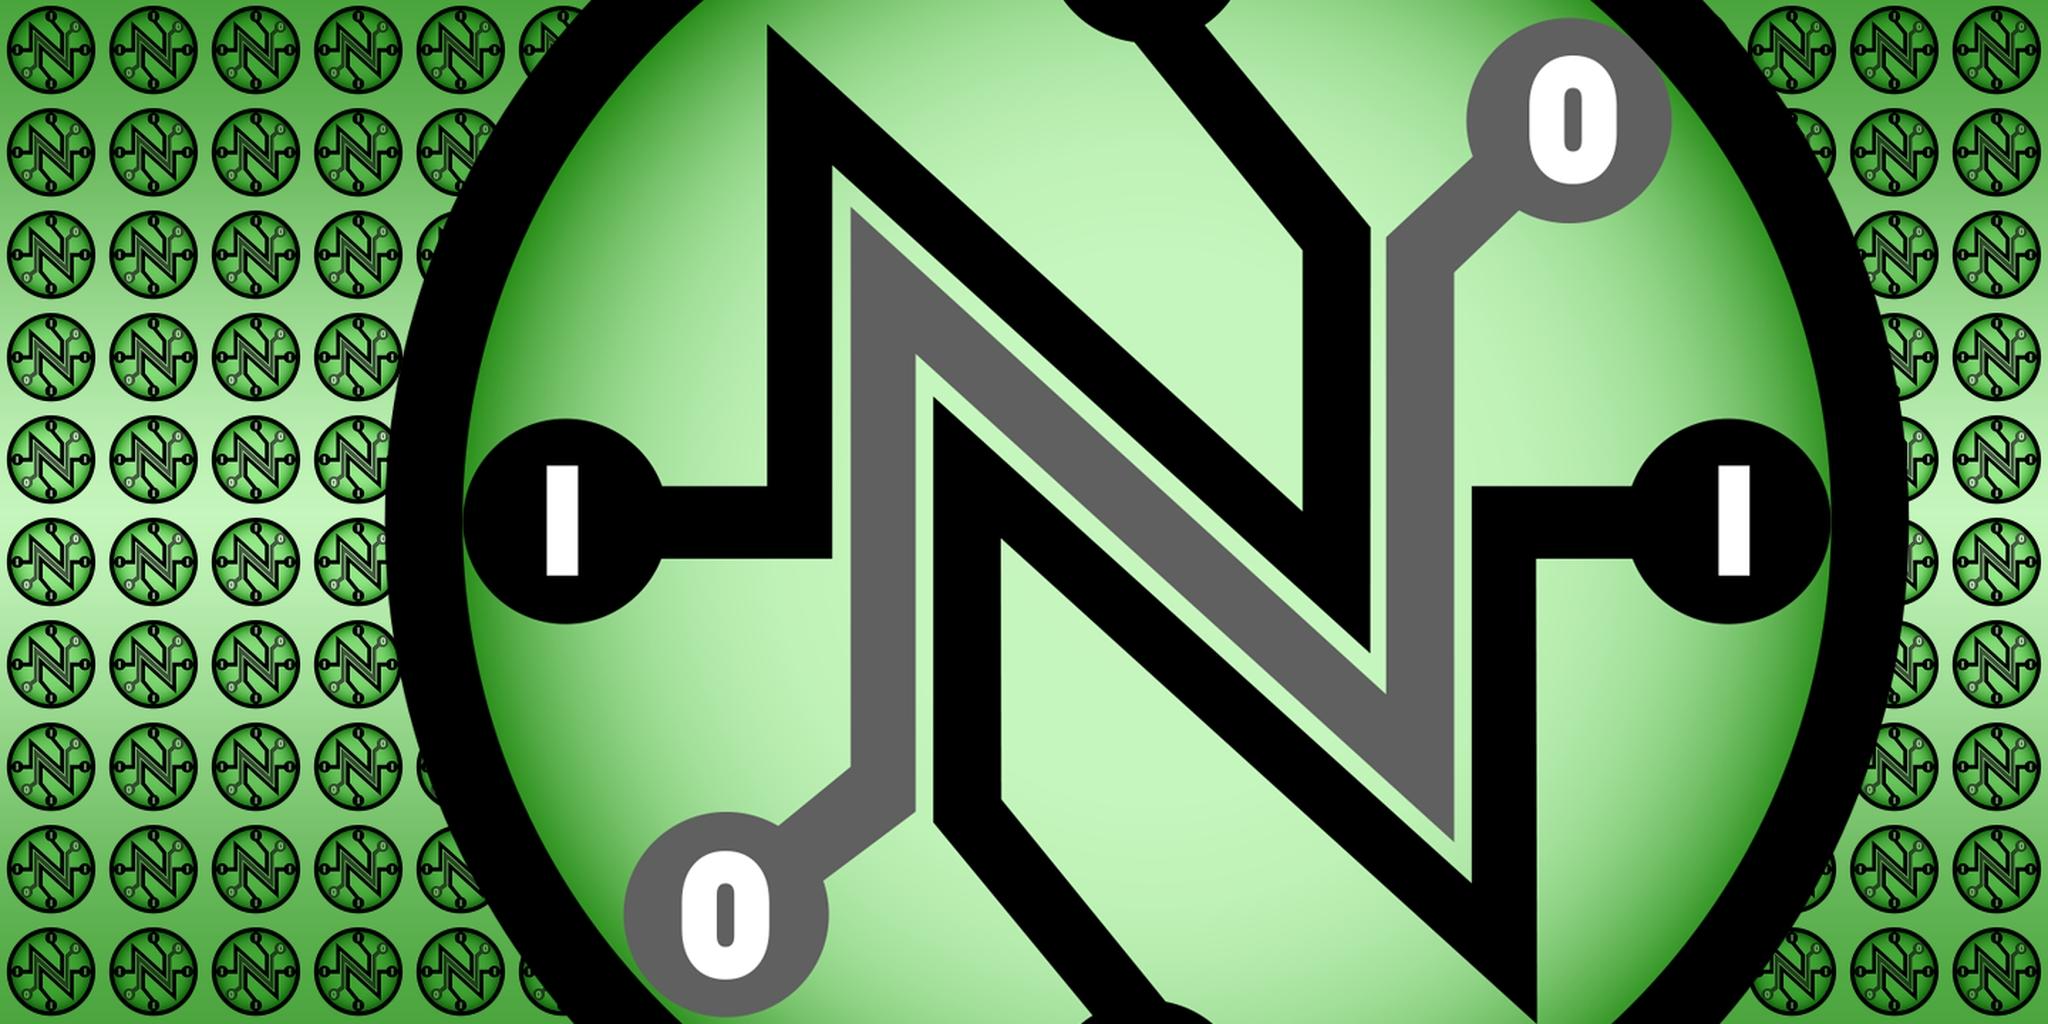 net-neutral-2.png (1440×720)